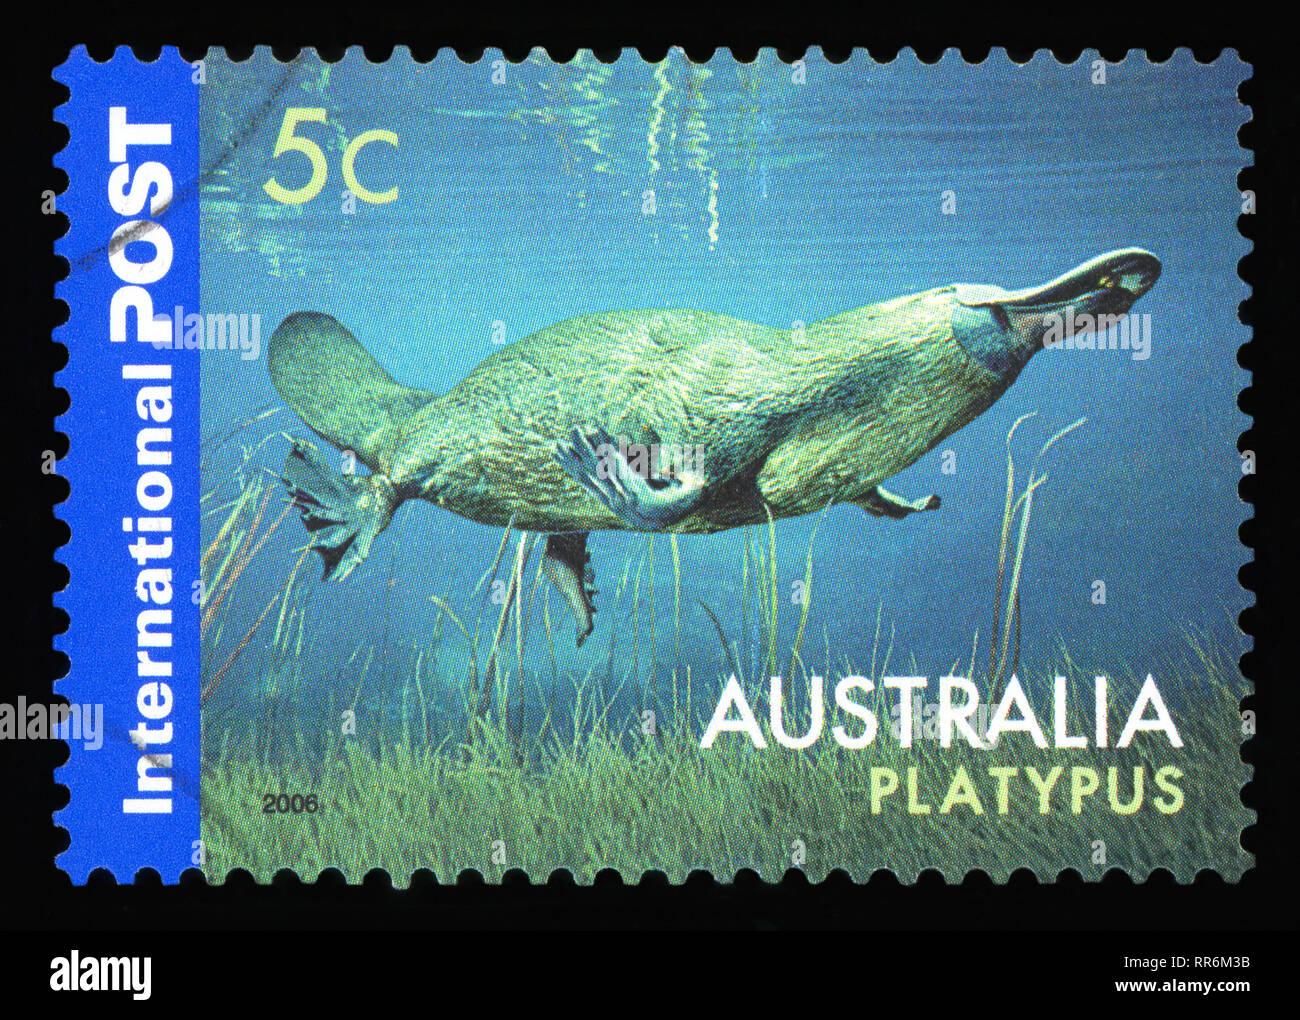 Australien 1999 KÜsten Blumen Gestempelt Australien Briefmarken